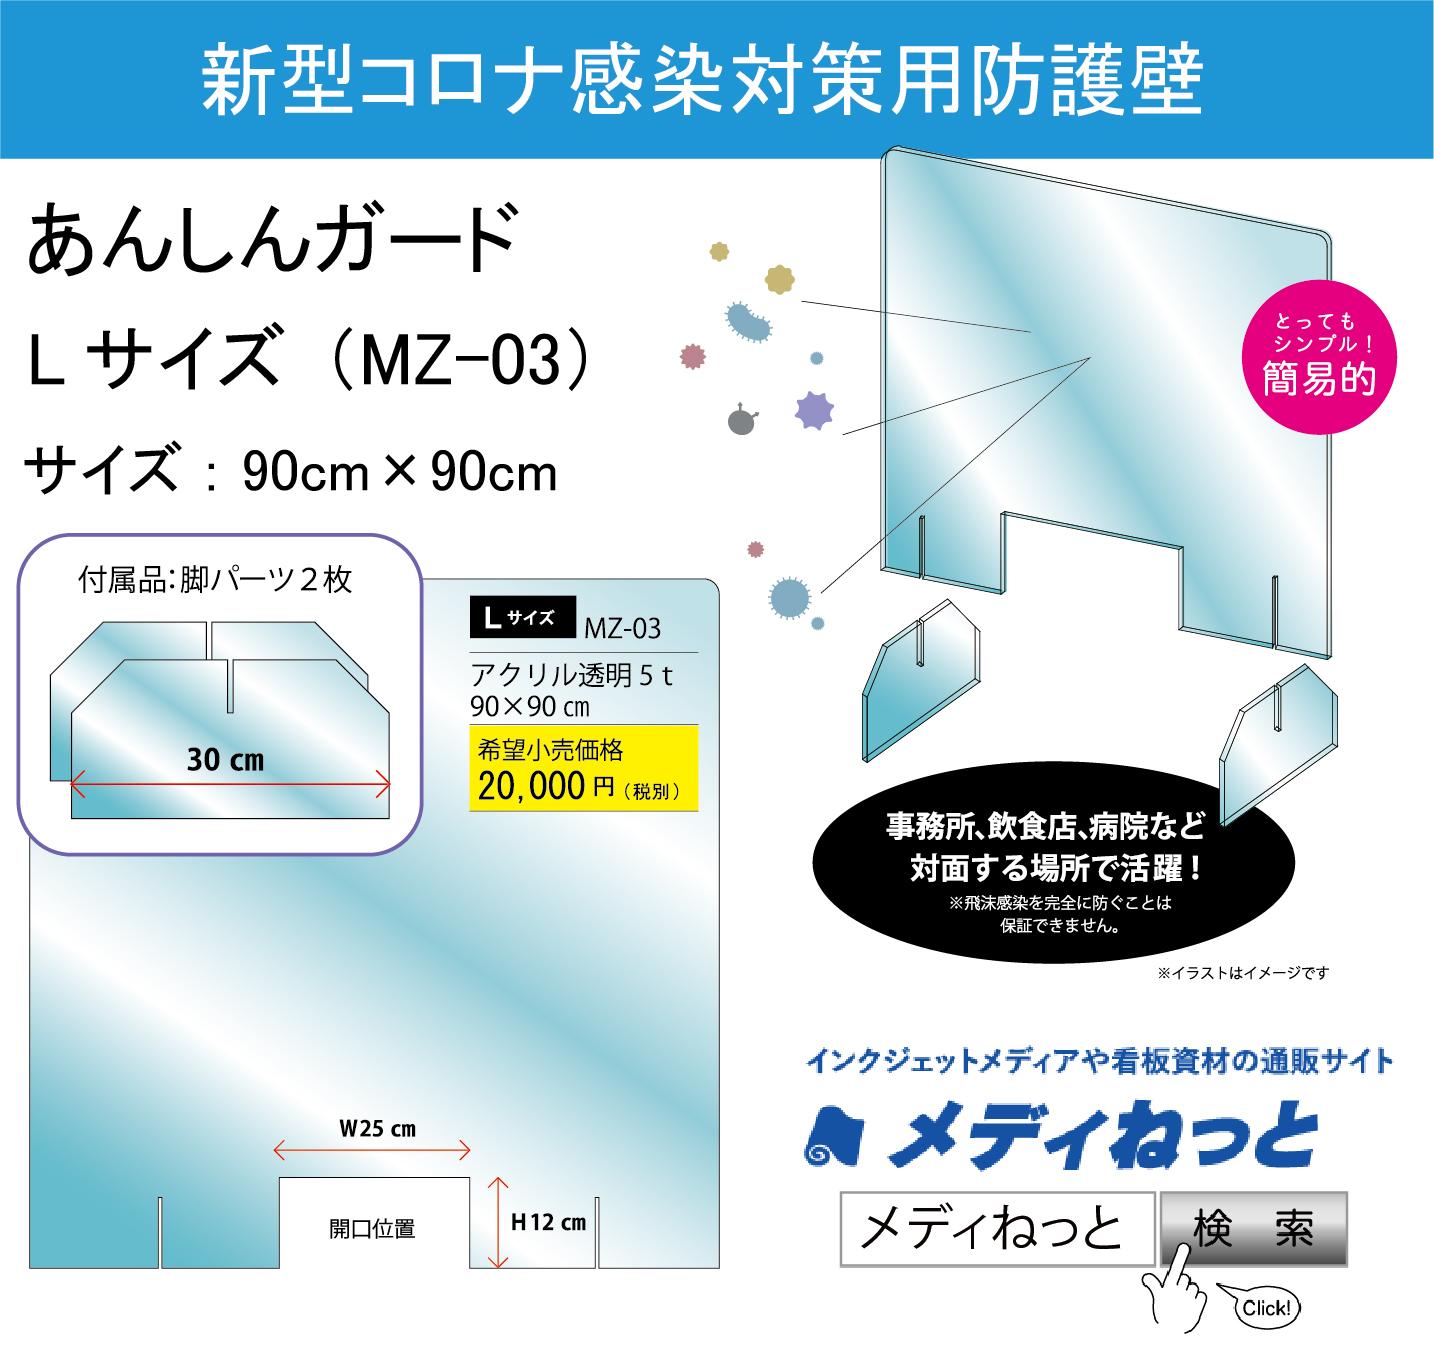 【飛沫感染予防バリア】あんしんガード Lサイズ(MZ-03  90cm×90cm)